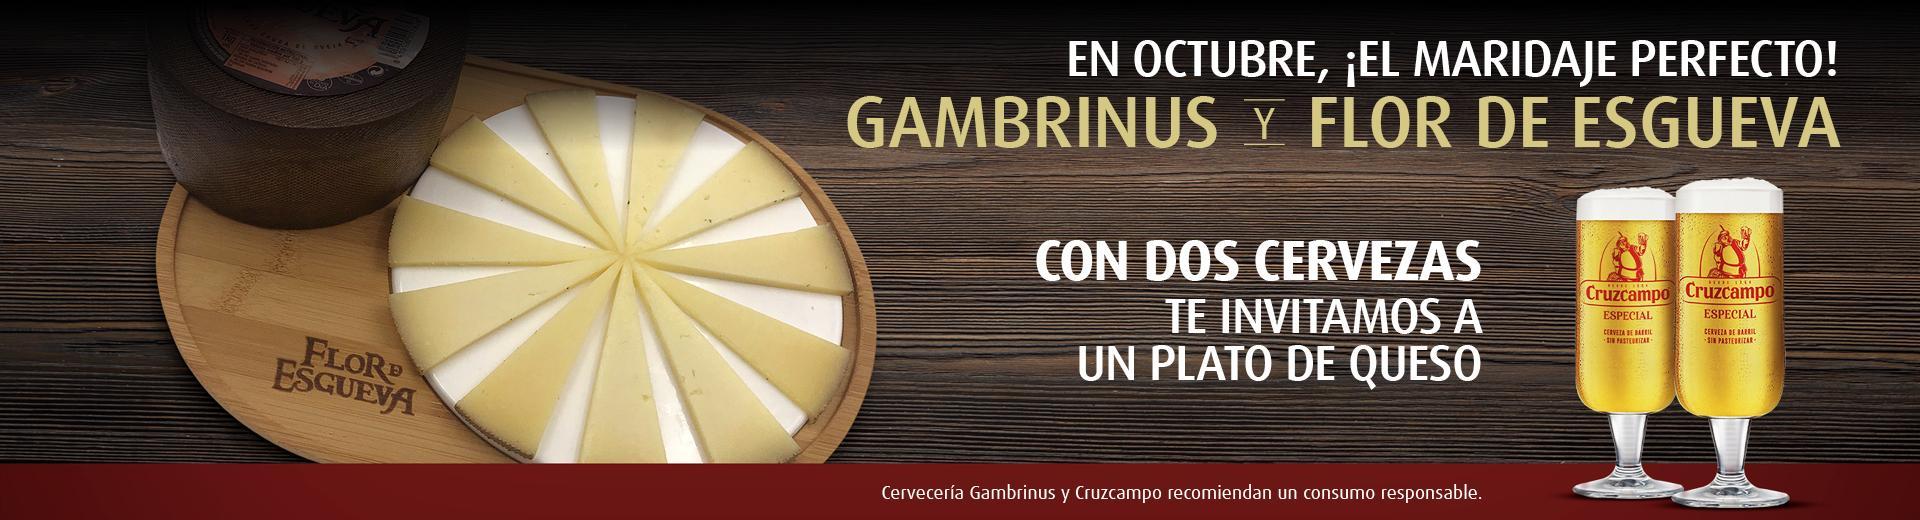 Gambrinus y Flor de Esgueva